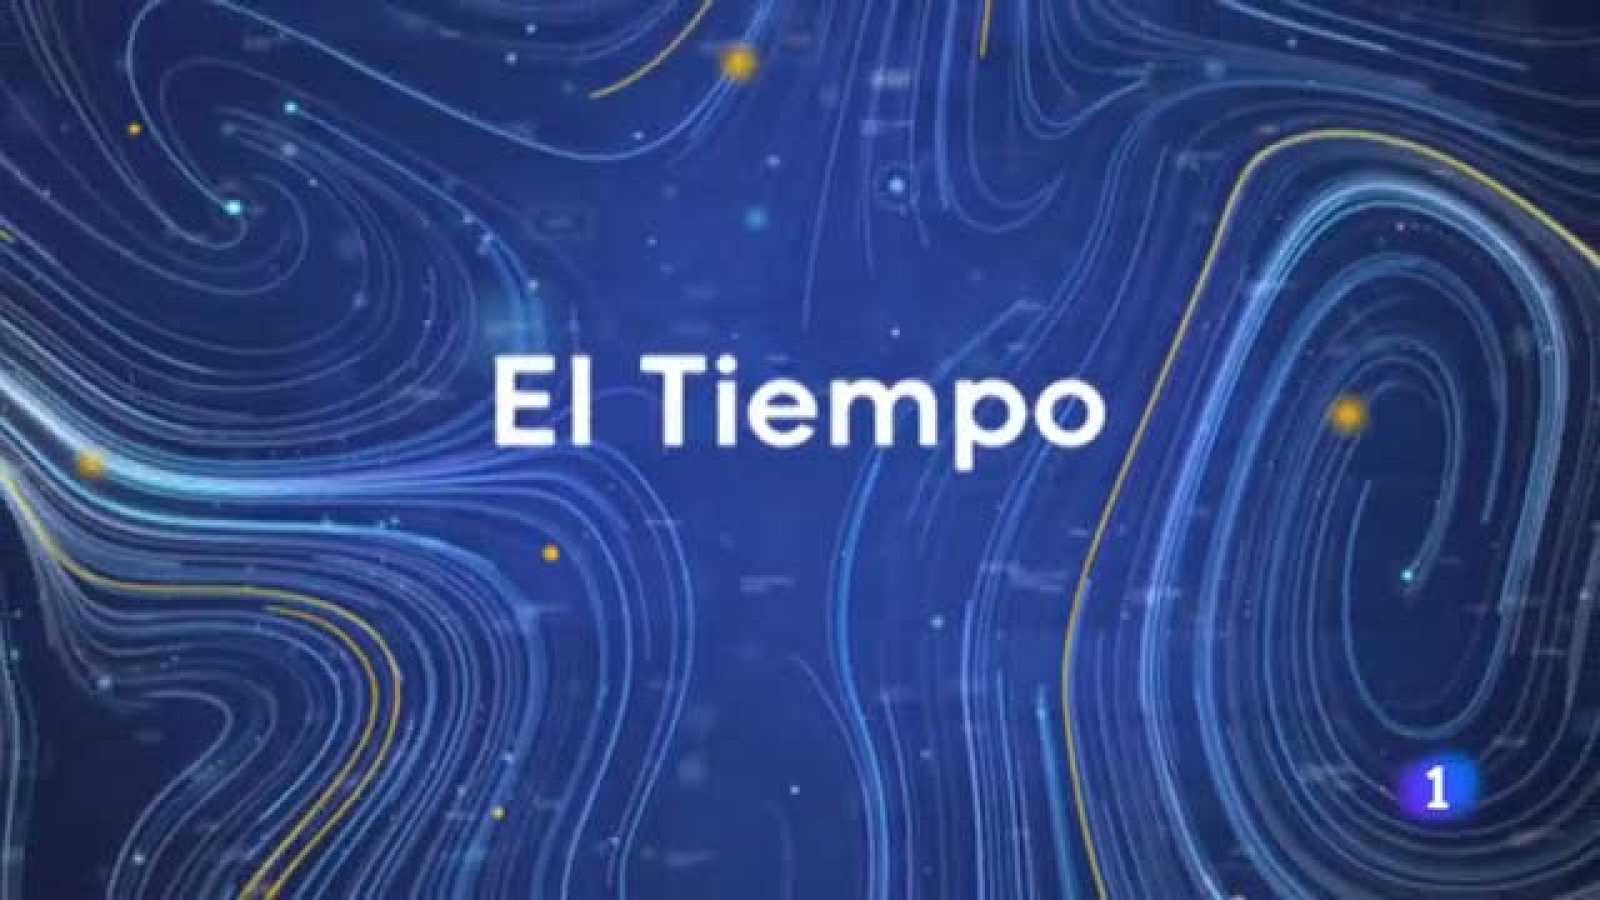 El tiempo en Castilla y León - 29/03/21